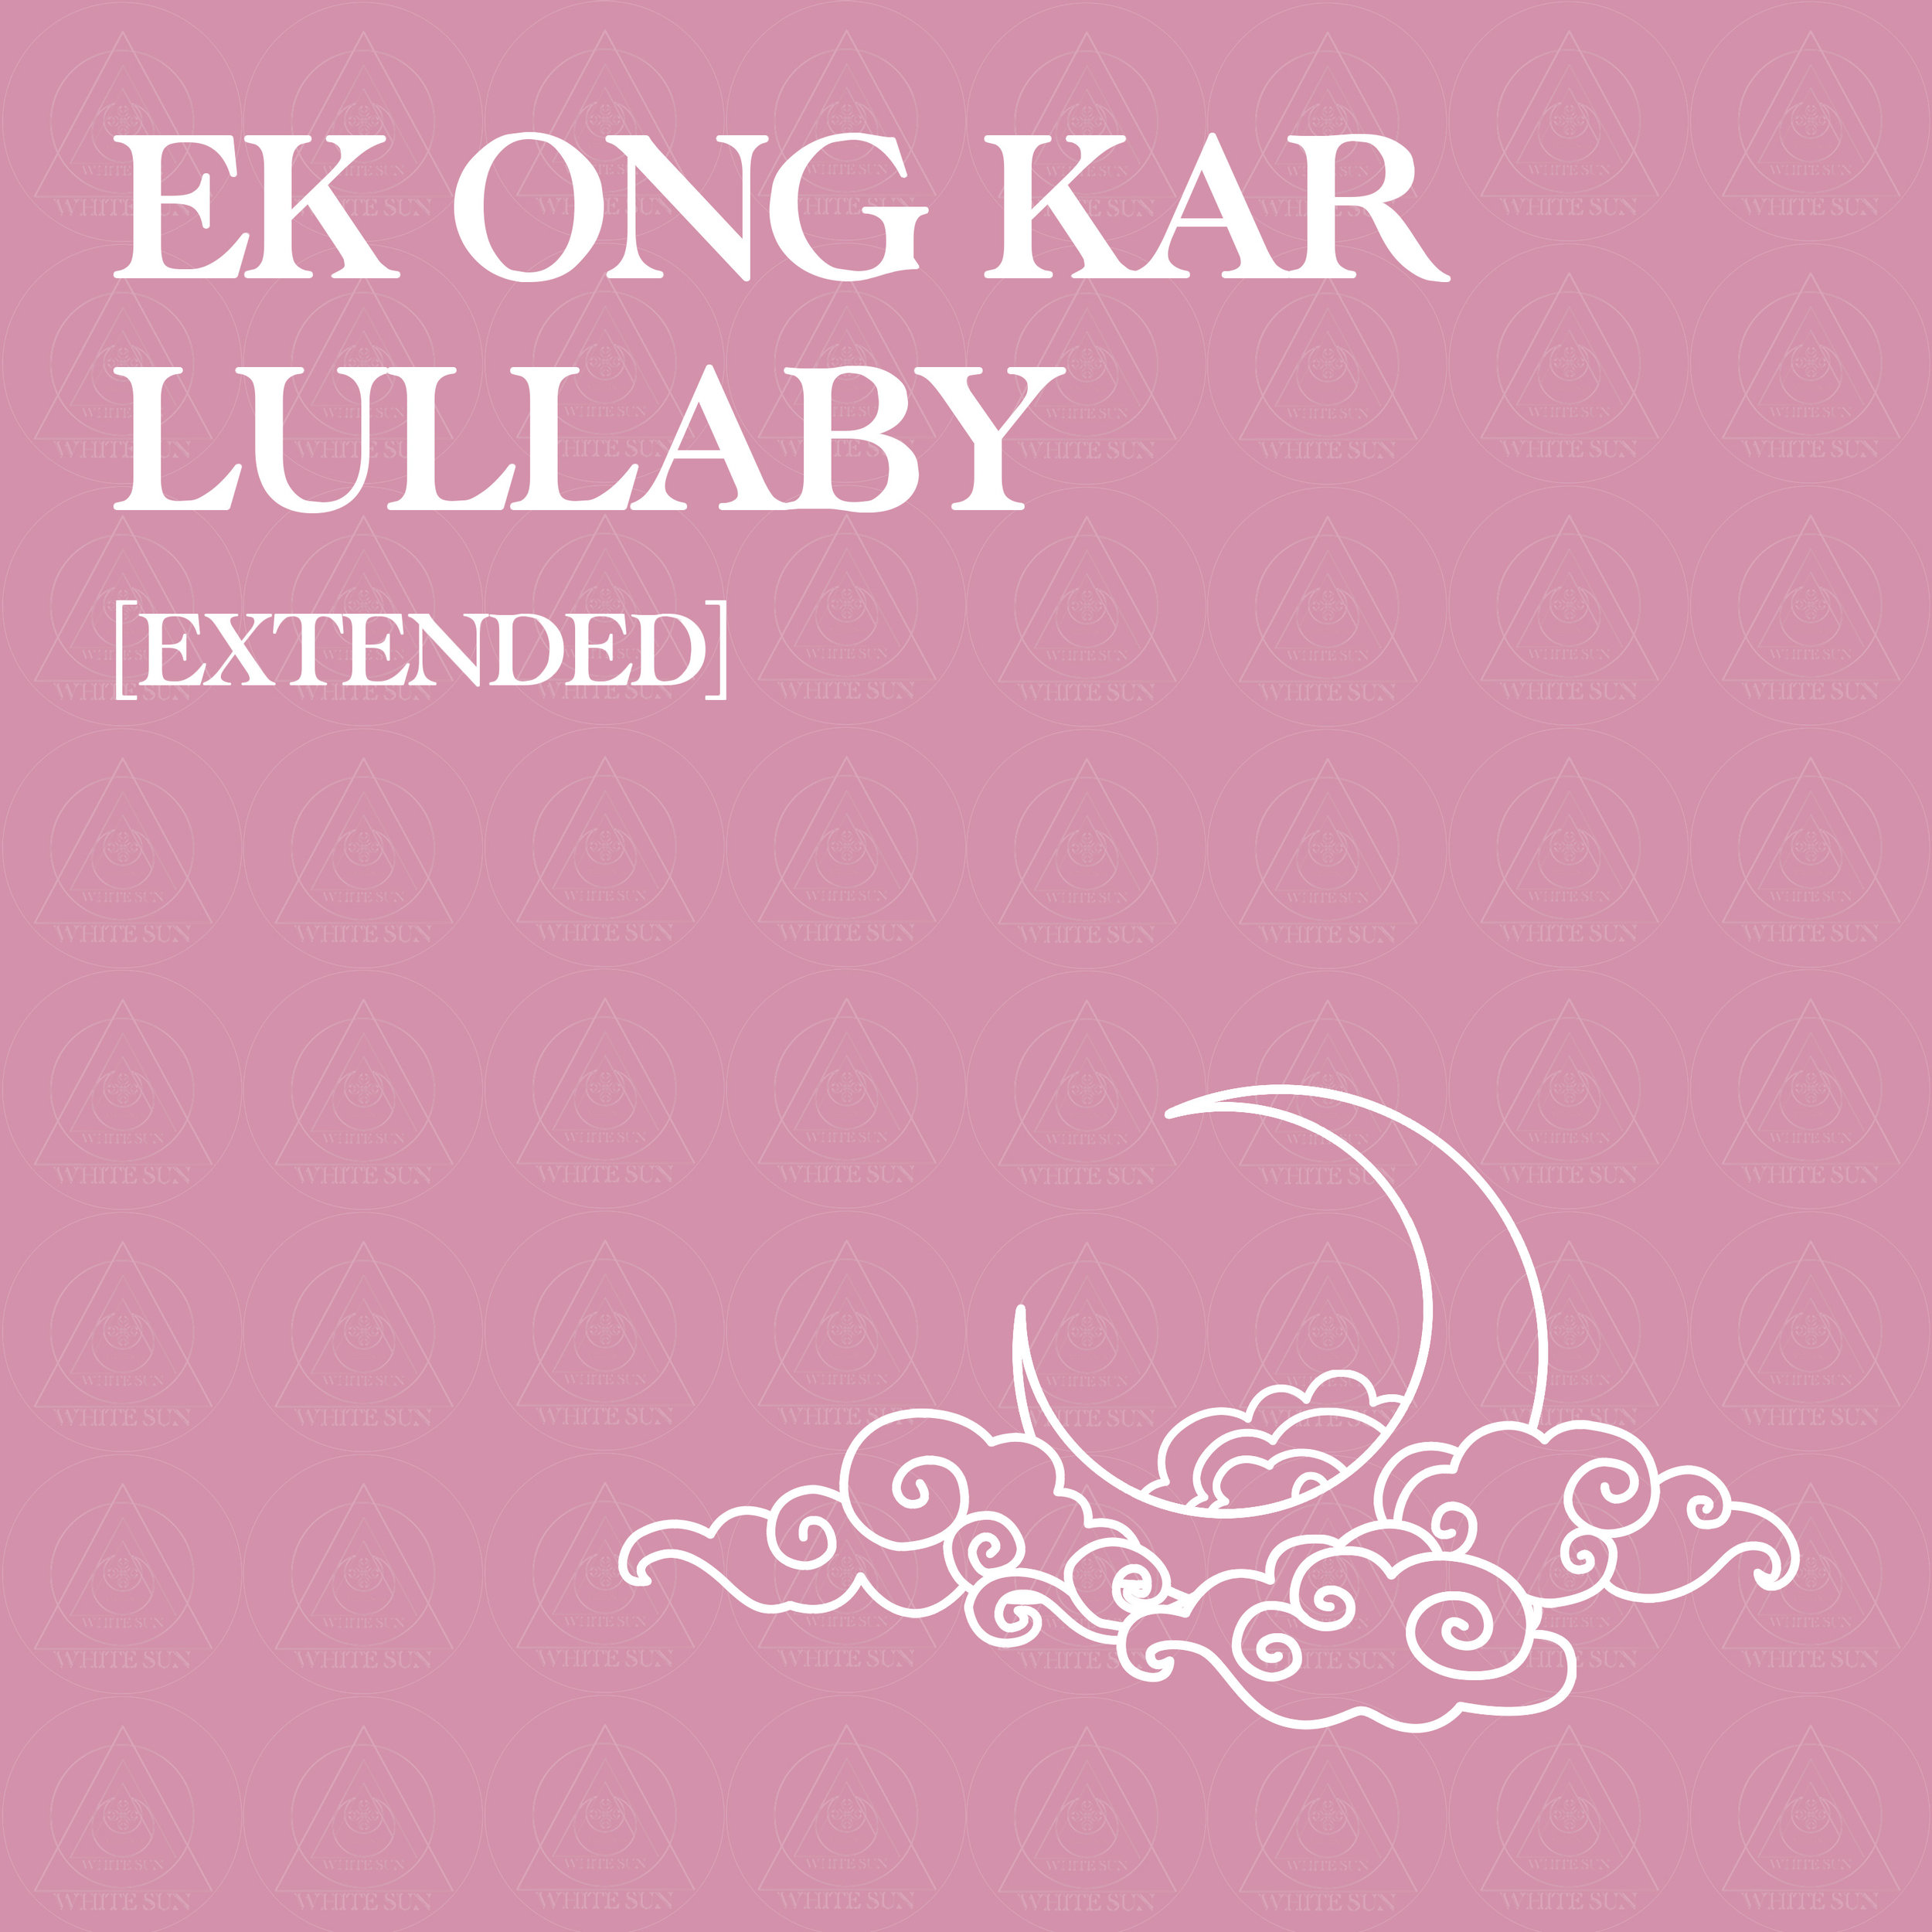 Ek Ong Kar Lullaby Extended.jpg